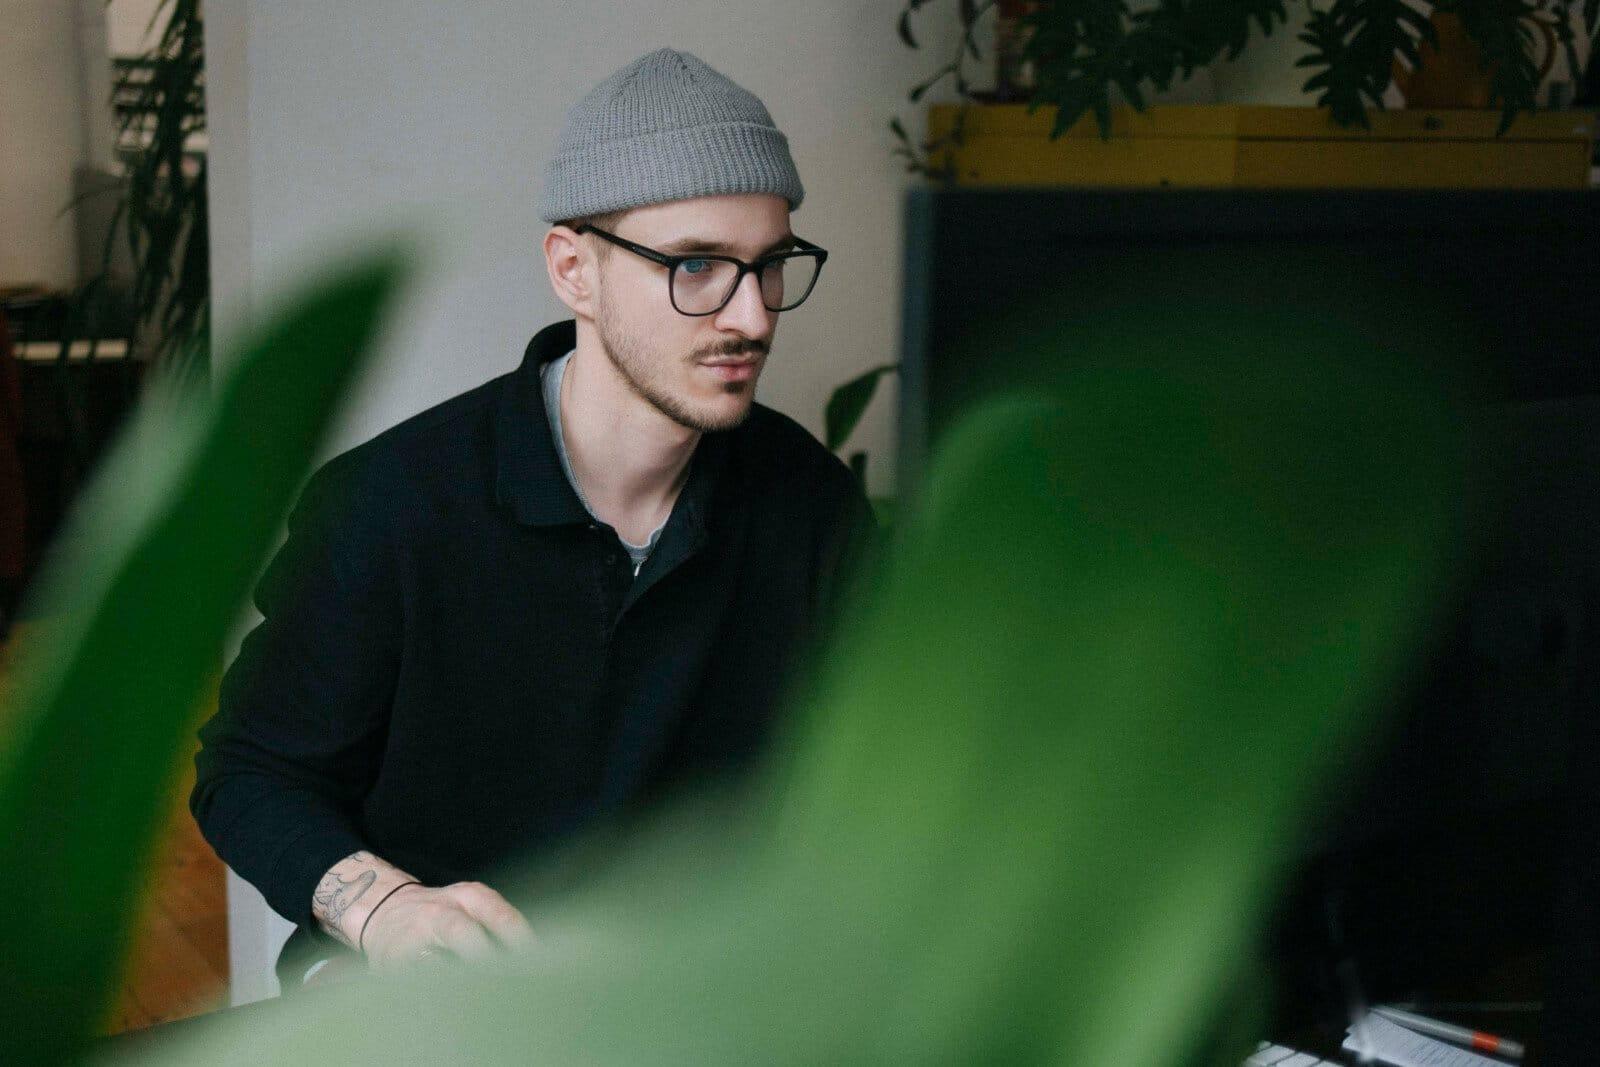 Von Burberry bis Rimova - Grafikdesigner Niklas Zimmermann über den Verjüngungshype der Luxusbrands